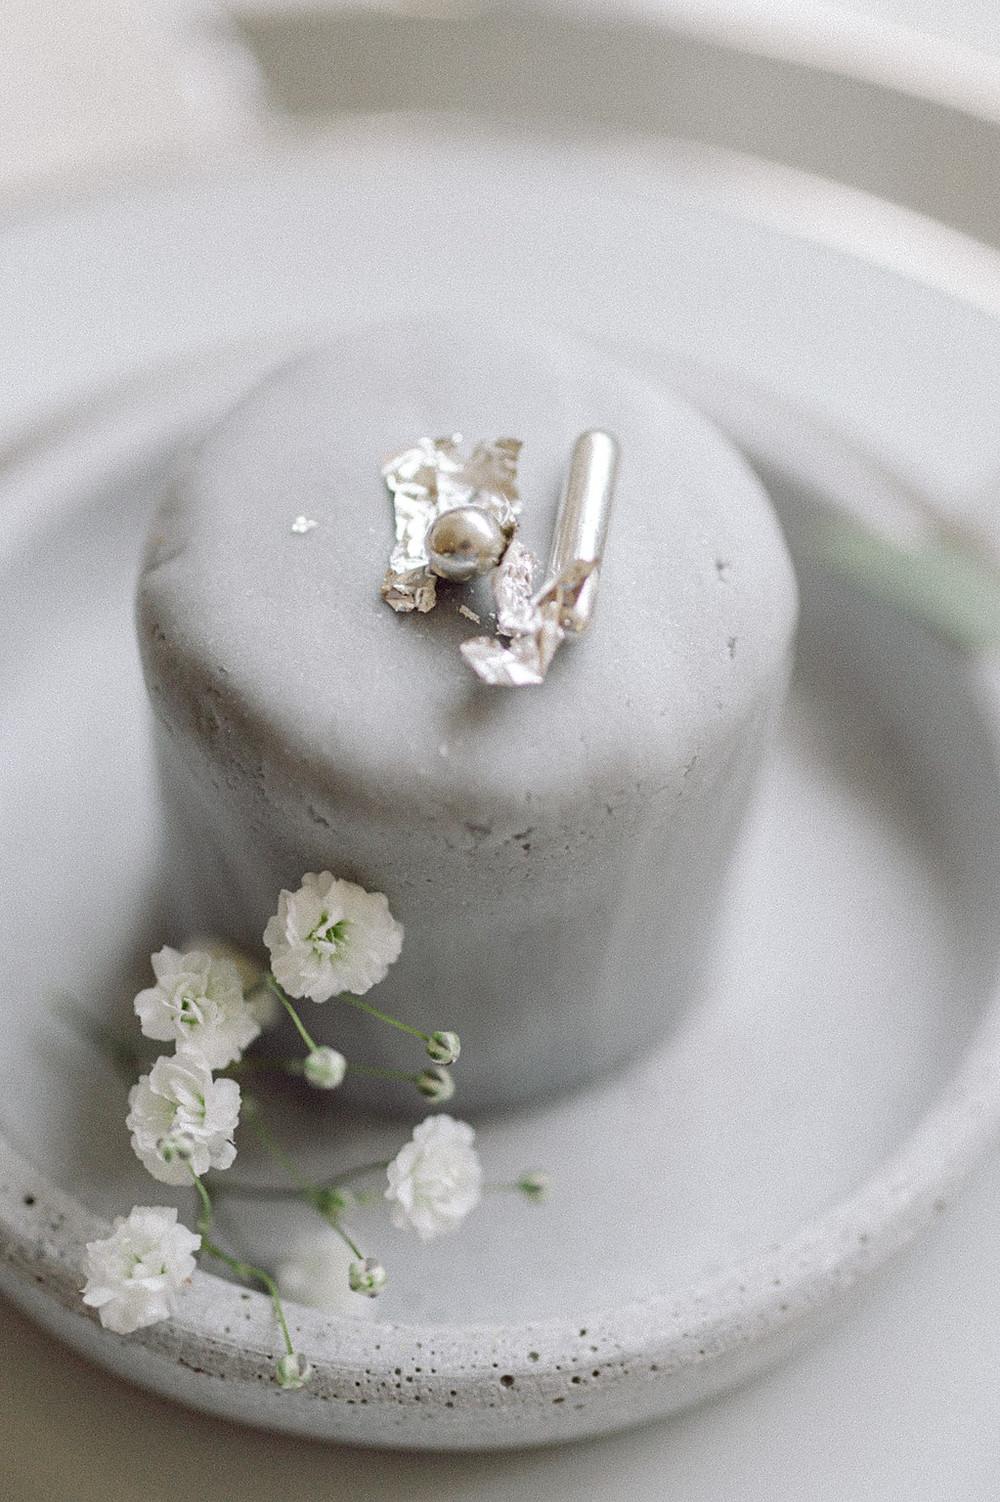 #supportyourlocal Hochzeitsdienstleister in NRW Brautmode Claudia Klimm Düsseldorf